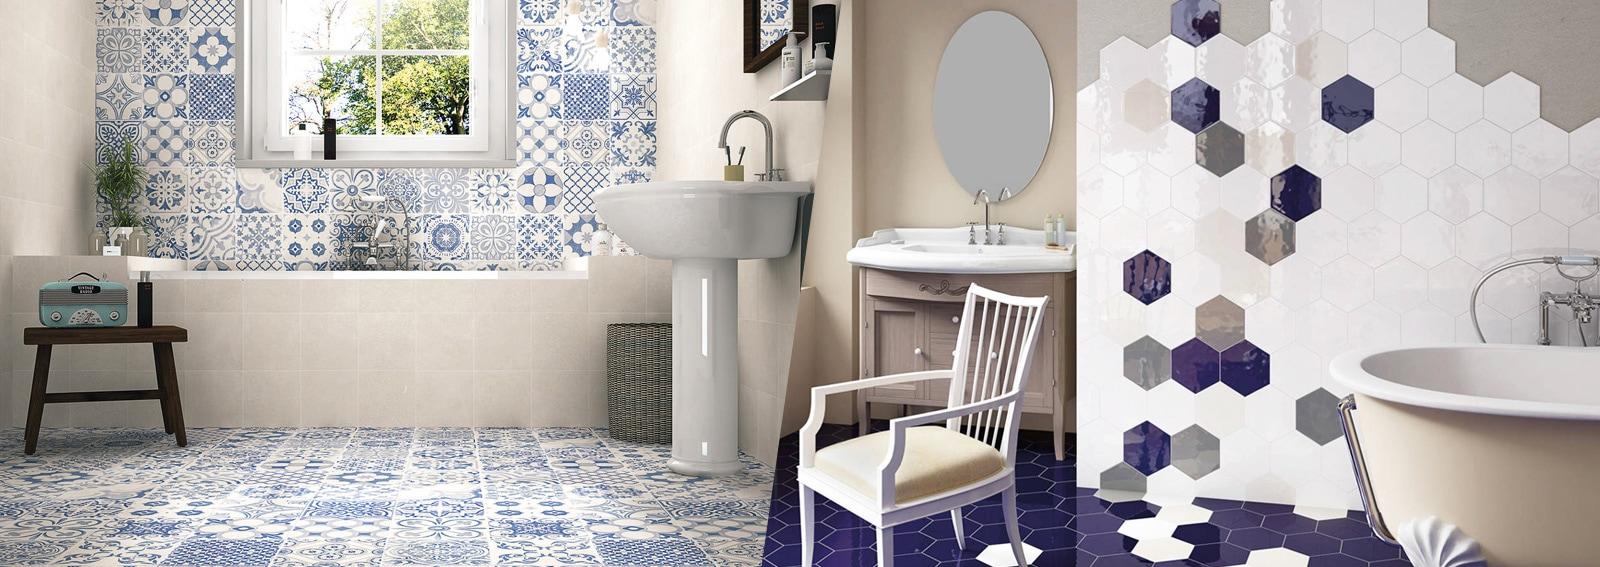 Rivestimenti per il bagno 10 idee decor da copiare - Piastrelle per bagno moderno ...